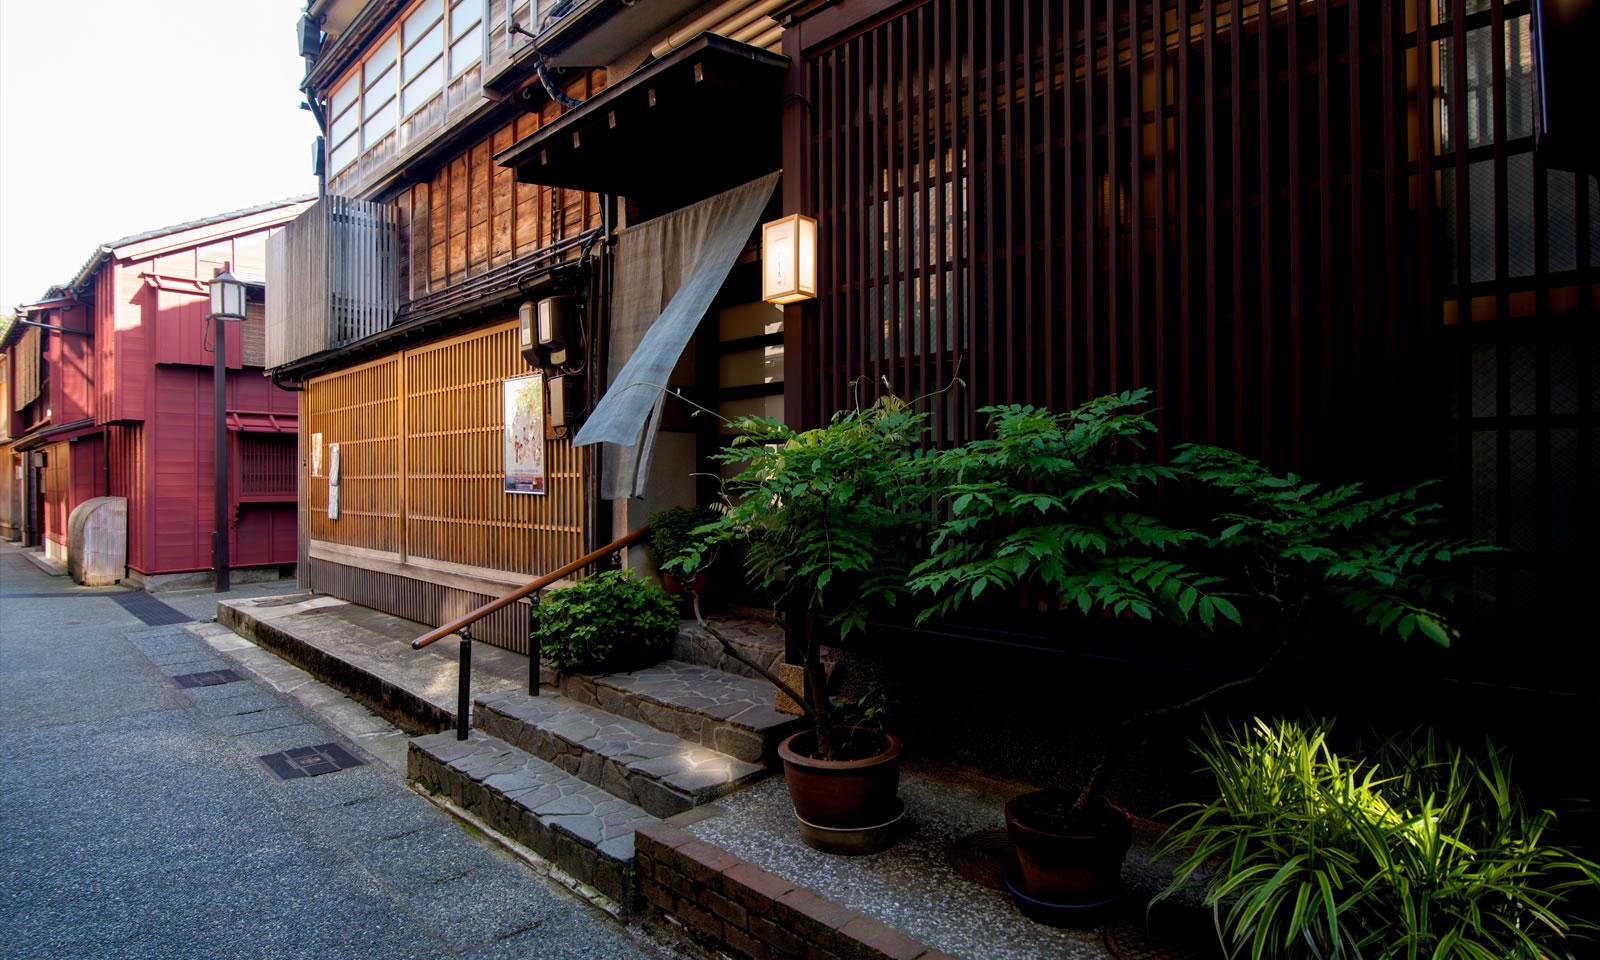 kazueya image 4